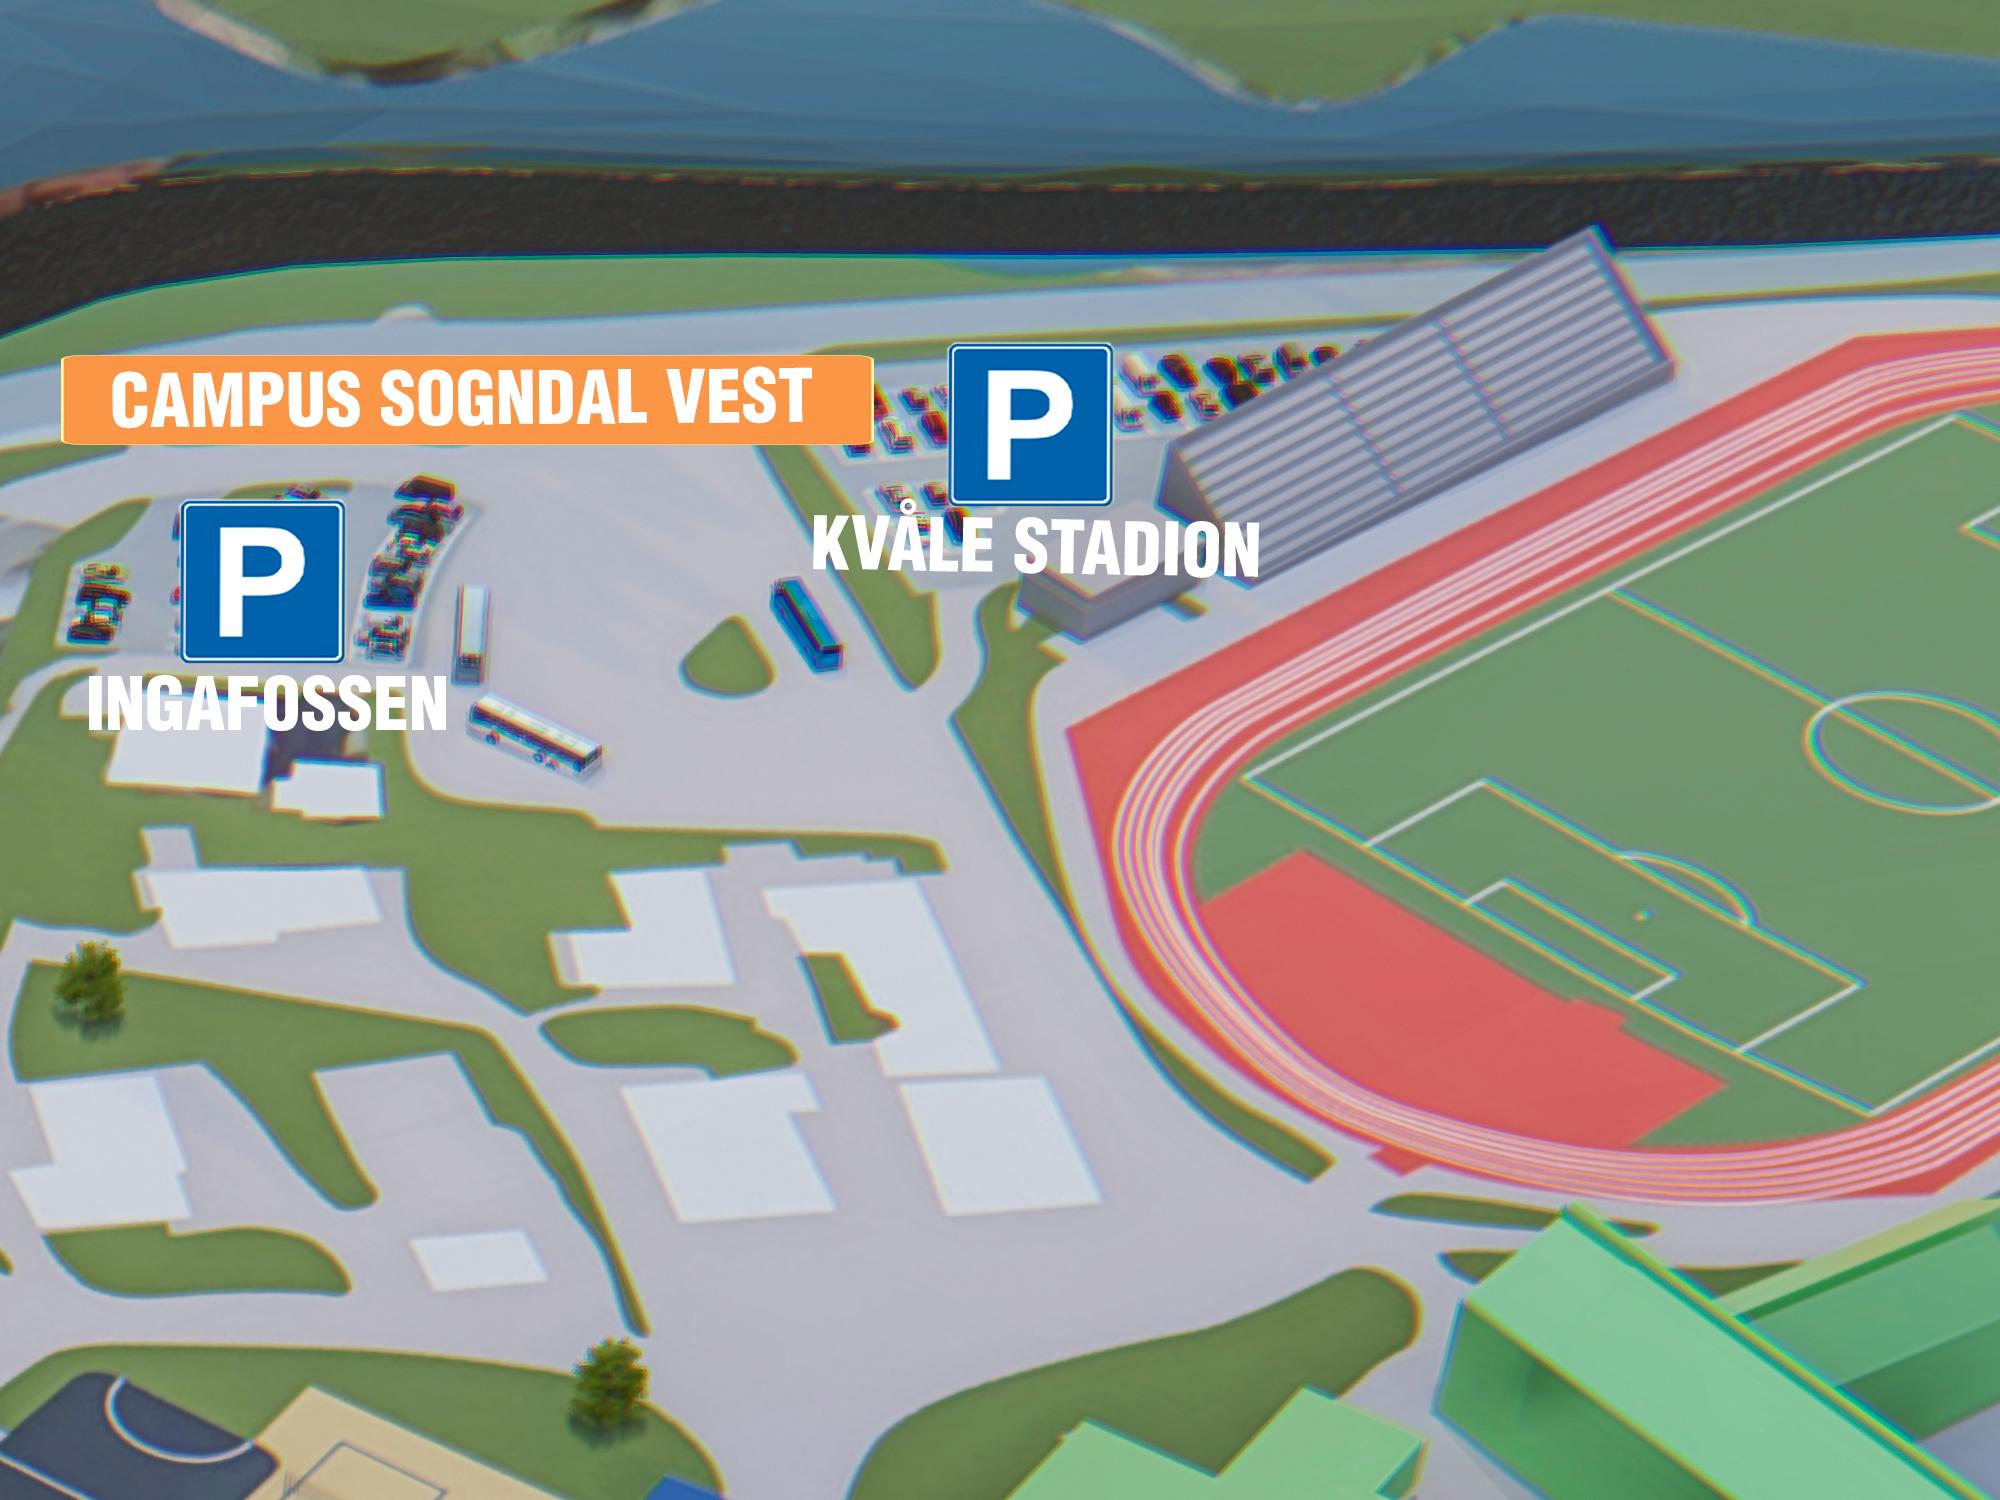 Parkering Kvåle Stadion - Beste parkering om du skal til: Kvåle stadion, Kvåle skule, verksemder eller arrangement på Campus, Sognahallen, Idrettssenteret